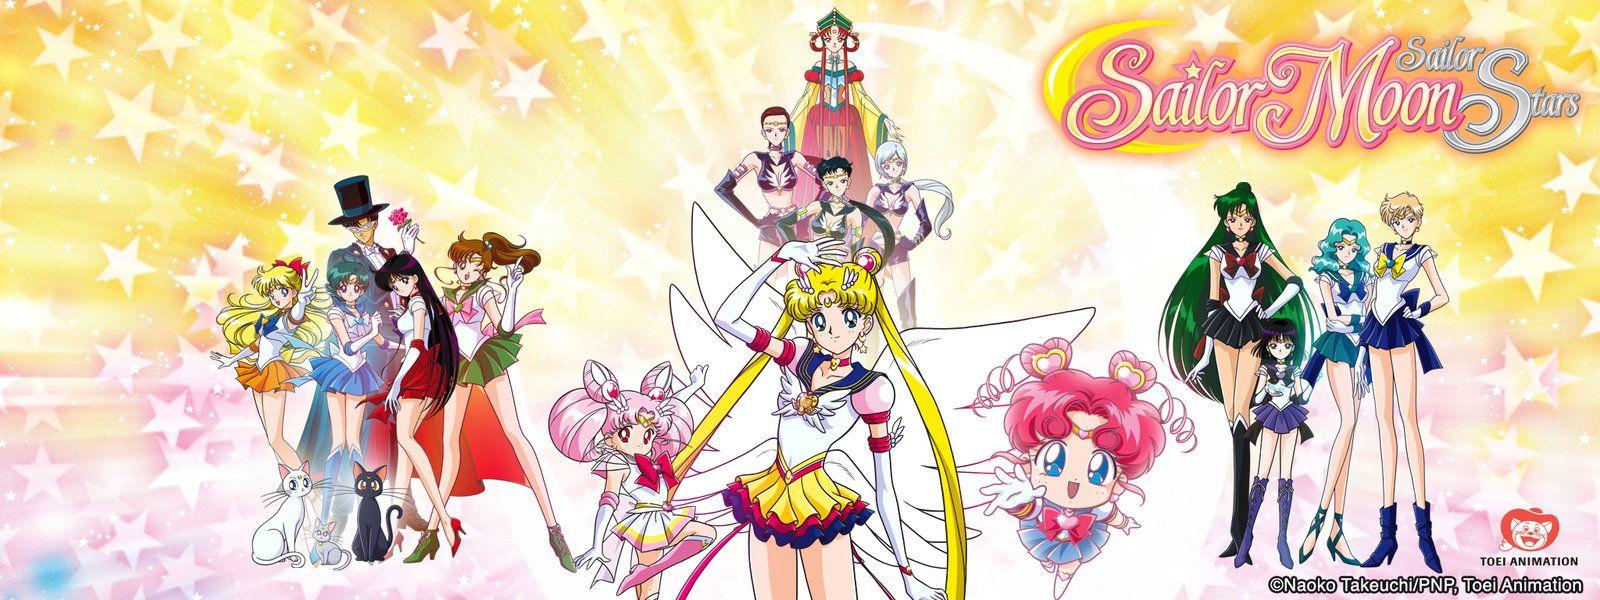 Sailor Moon Sailor moon, Sailor moon stars, I love anime